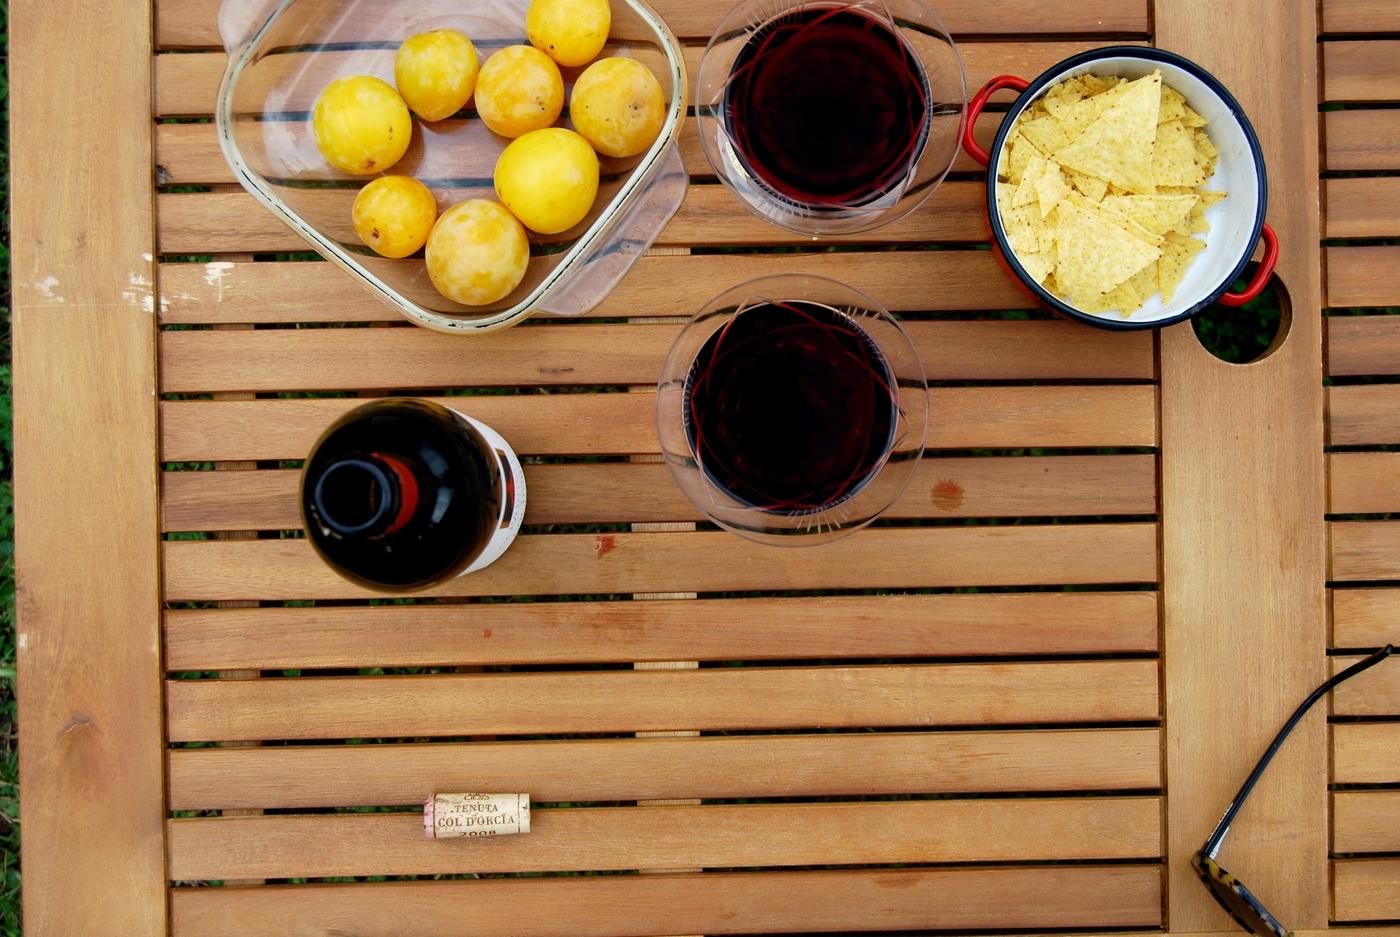 Matkamaanantai: Nainen, joka opetti syömään sipsejä punaviinin kanssa